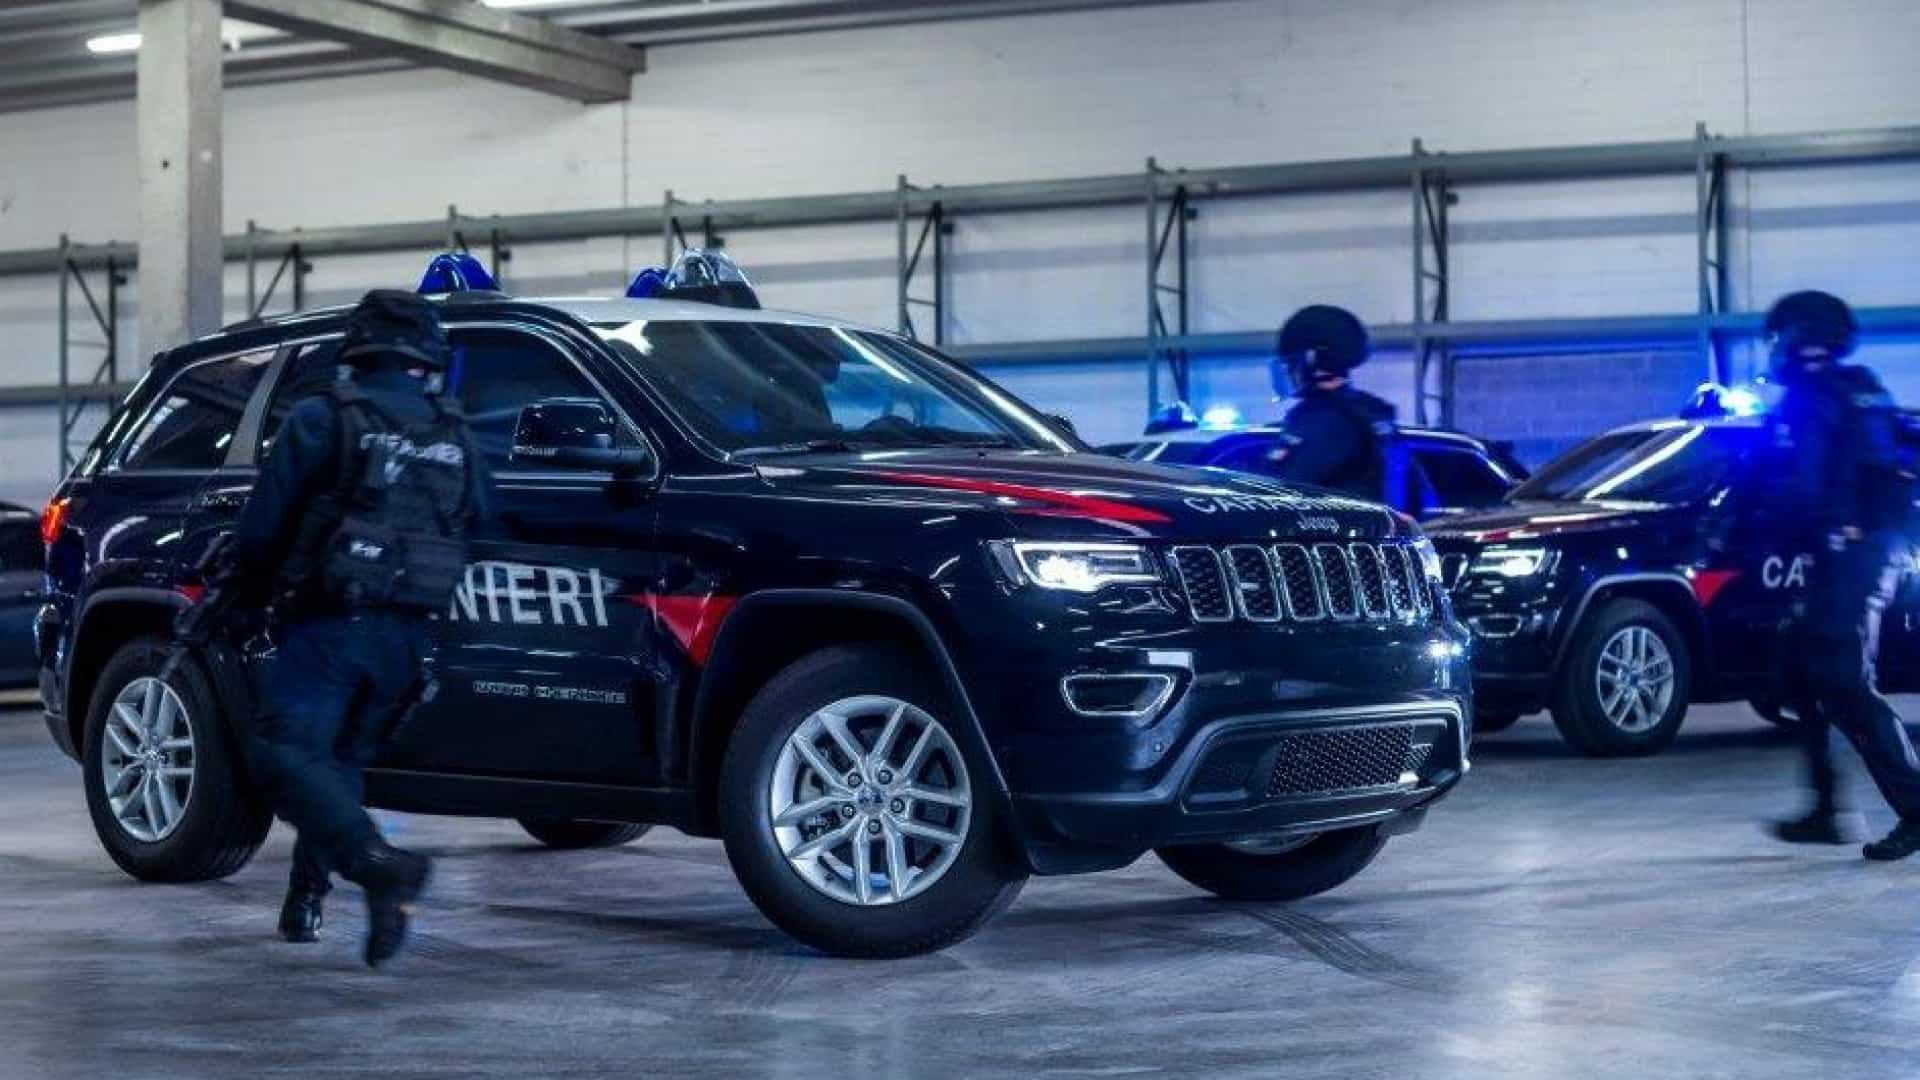 Unidade antiterrorismo teve direito a prenda especial da Jeep